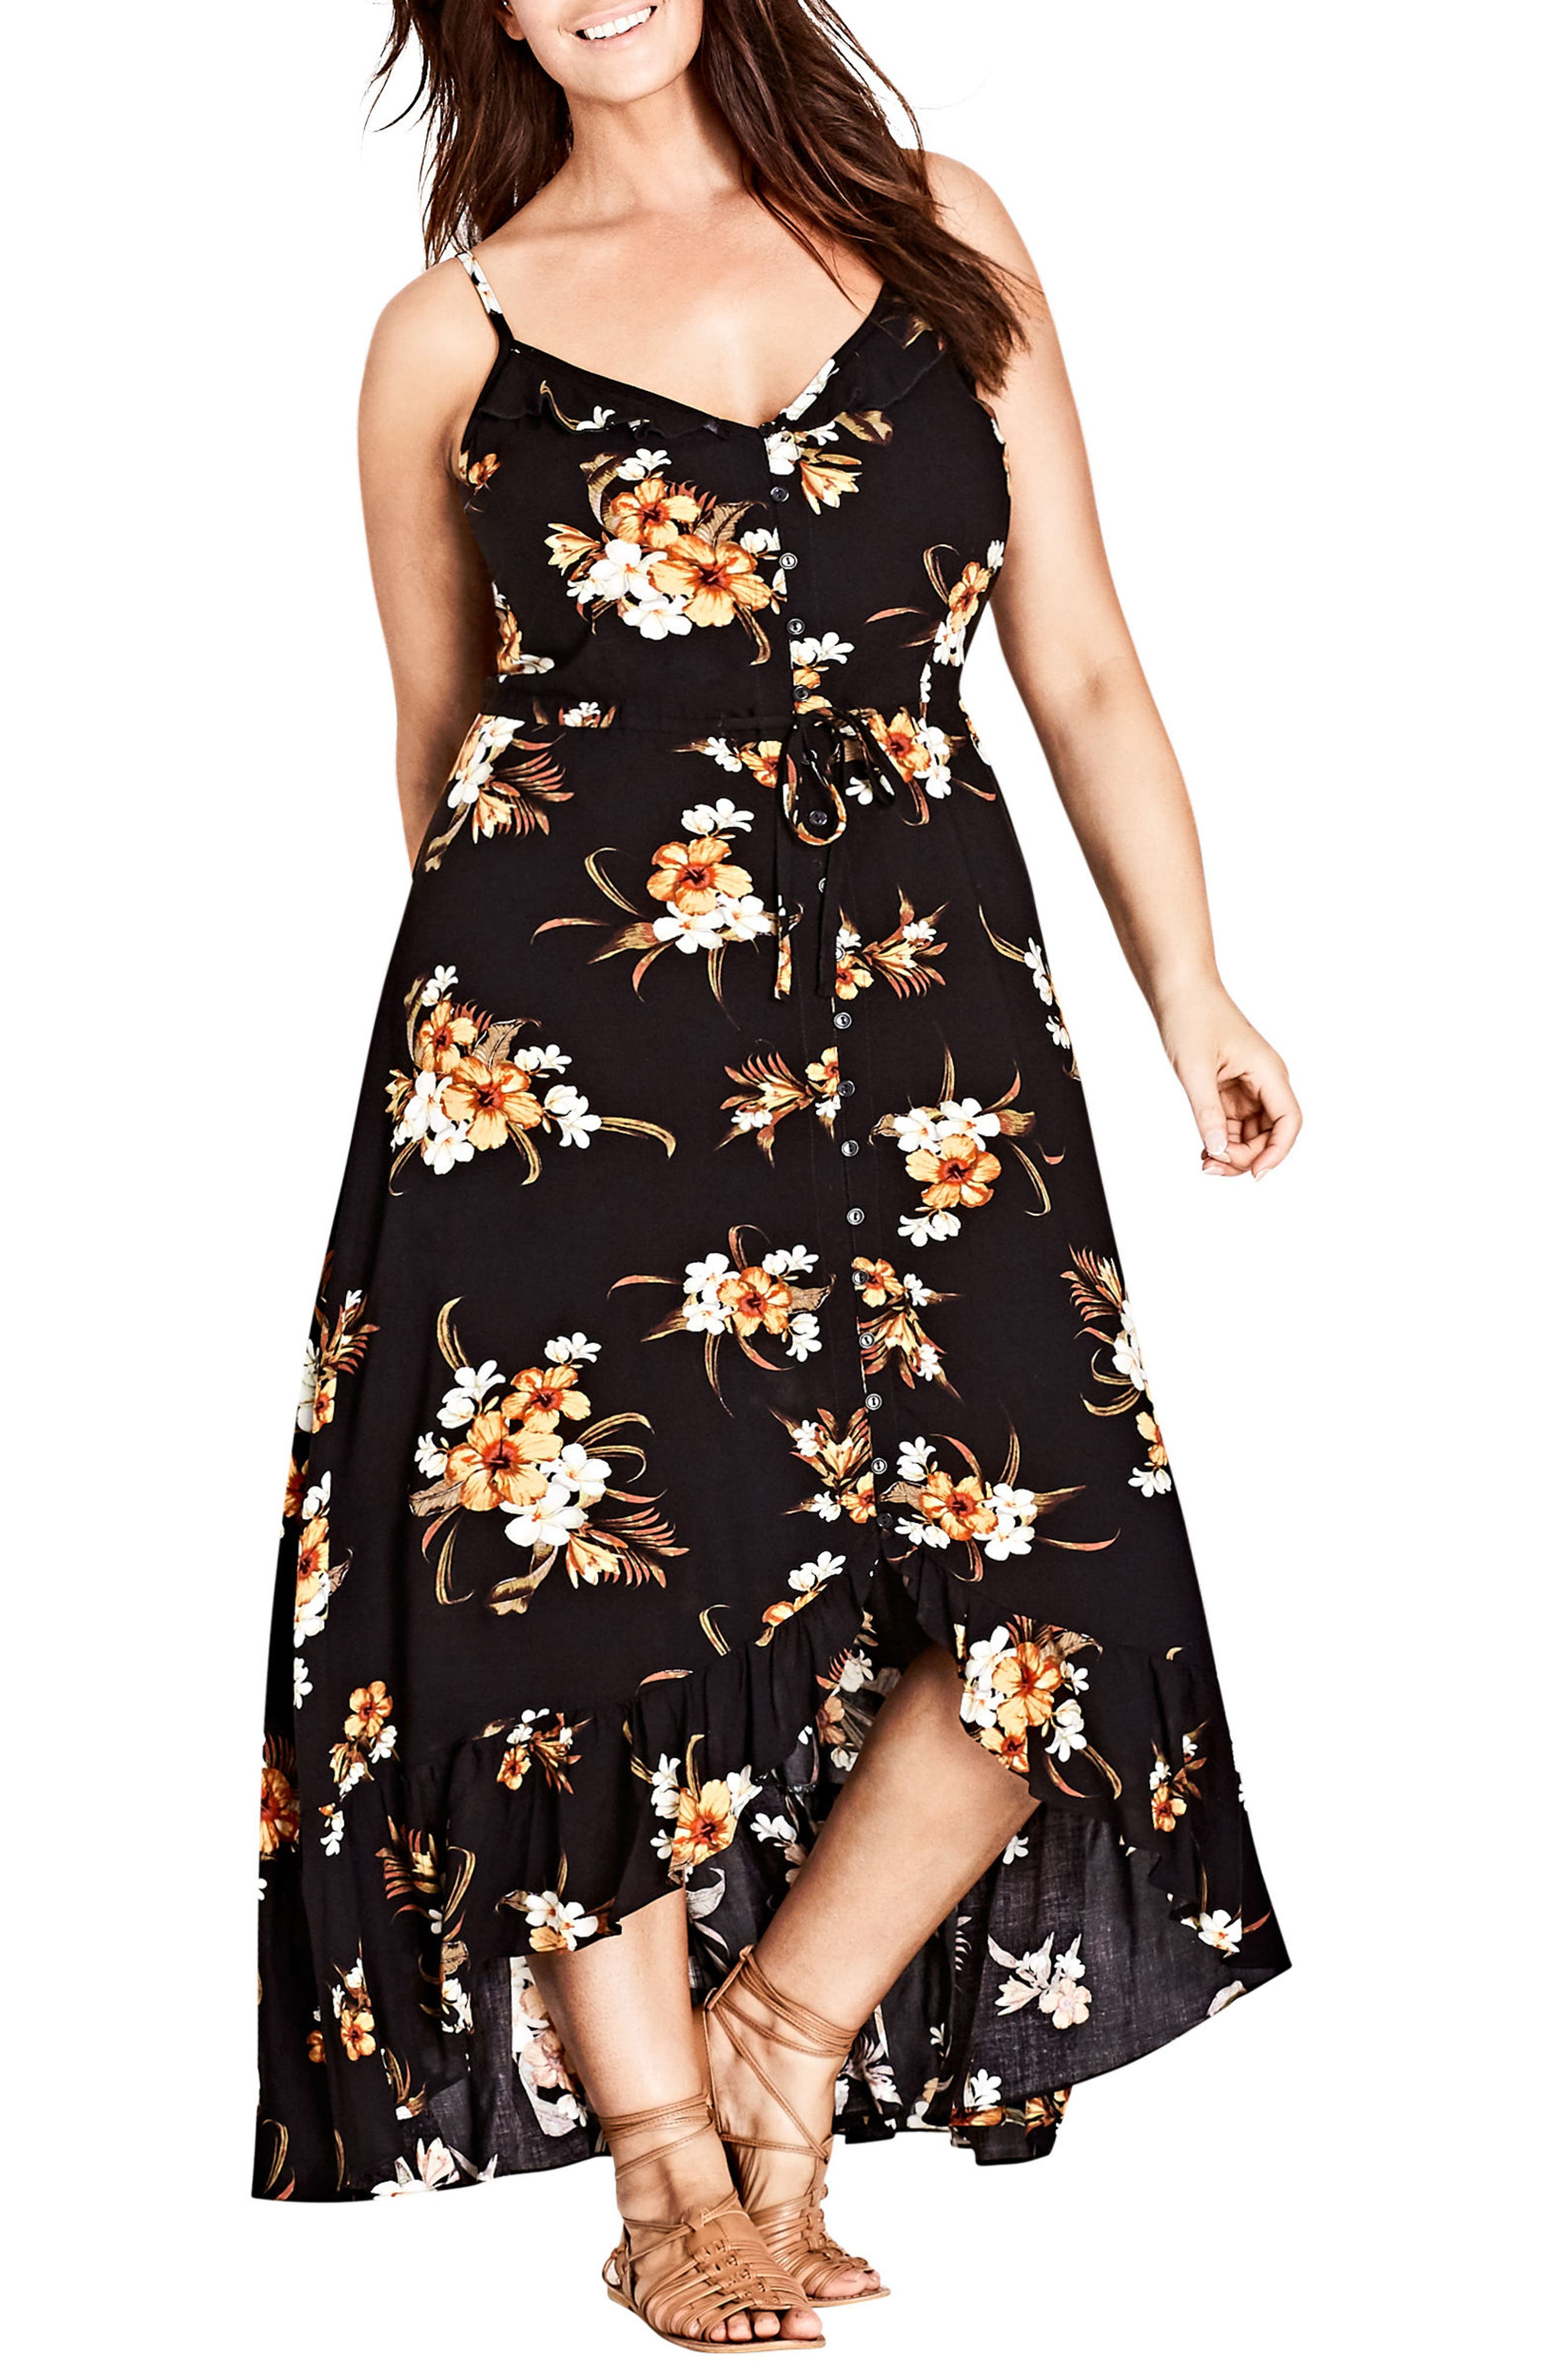 Aruba Floral Maxi Dress,                         Main,                         color, BLACK PRINT